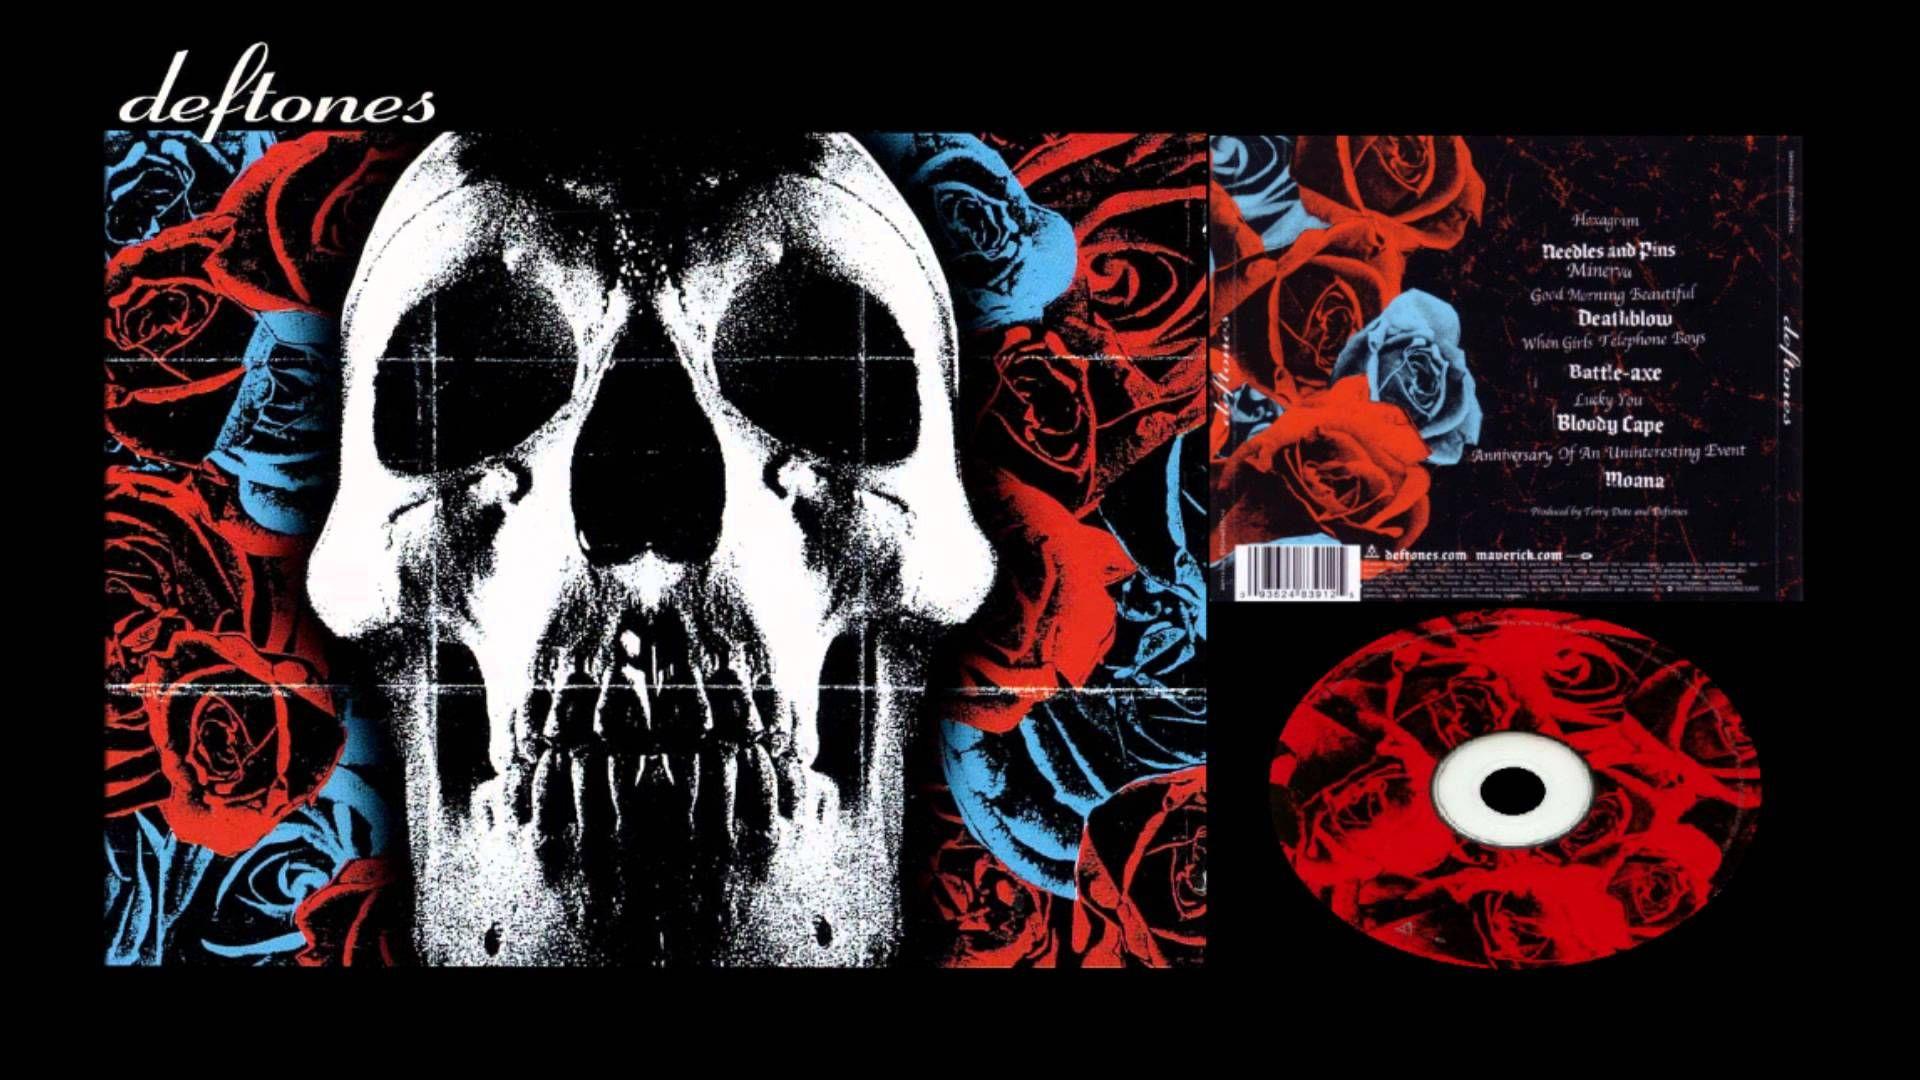 Deftones Deftones (2003) Album art, Album covers